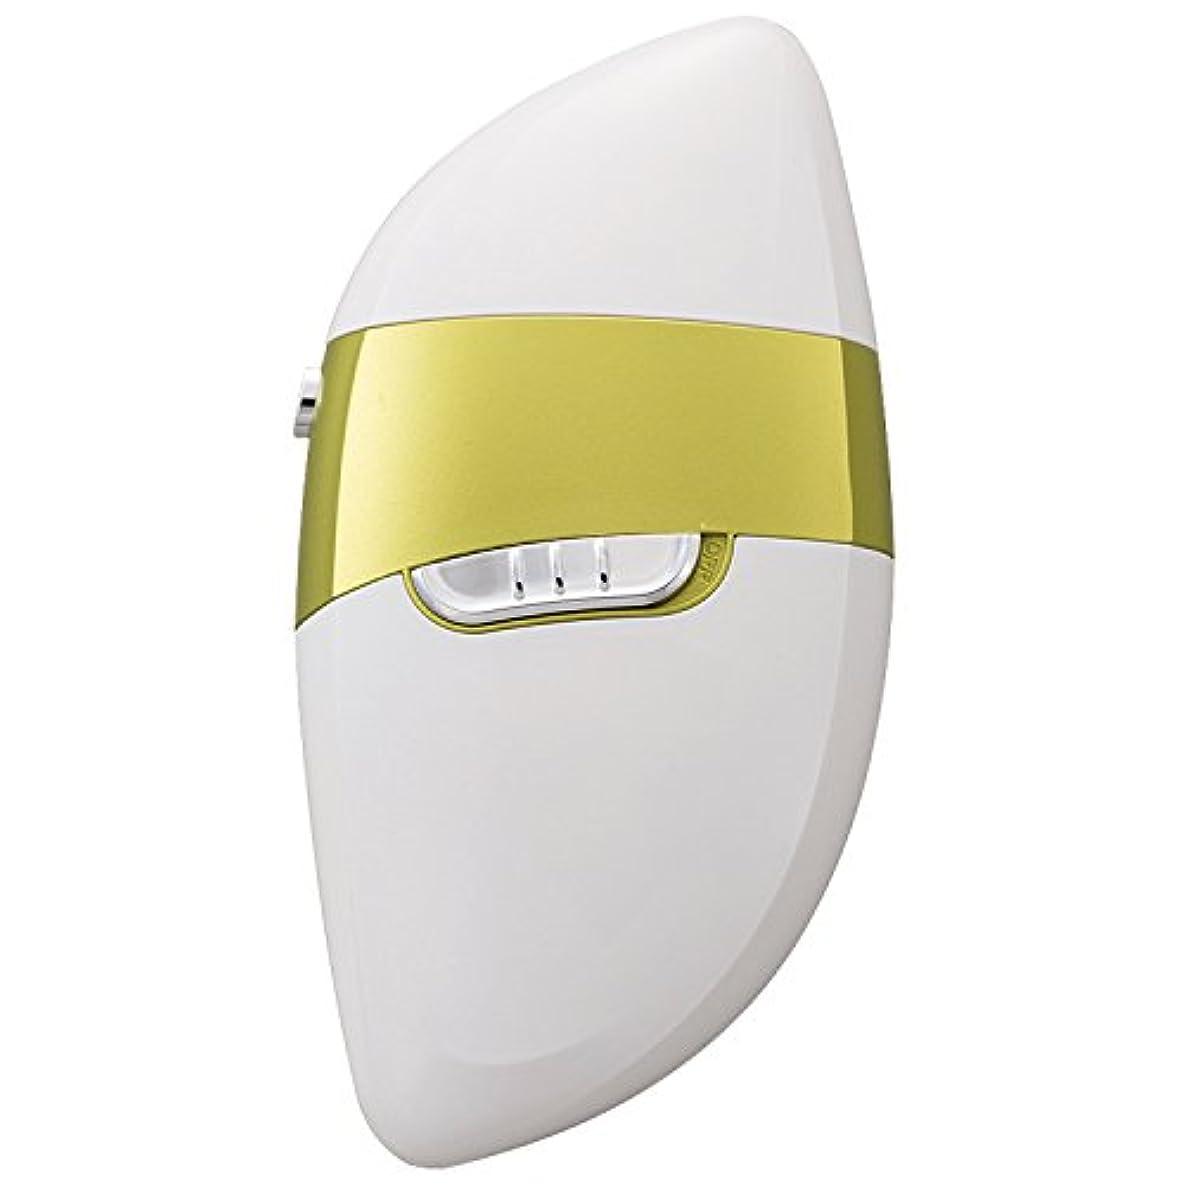 ベリー比率アクセスマリン商事 電動爪切り Leaf 角質ローラー付 EL-50176